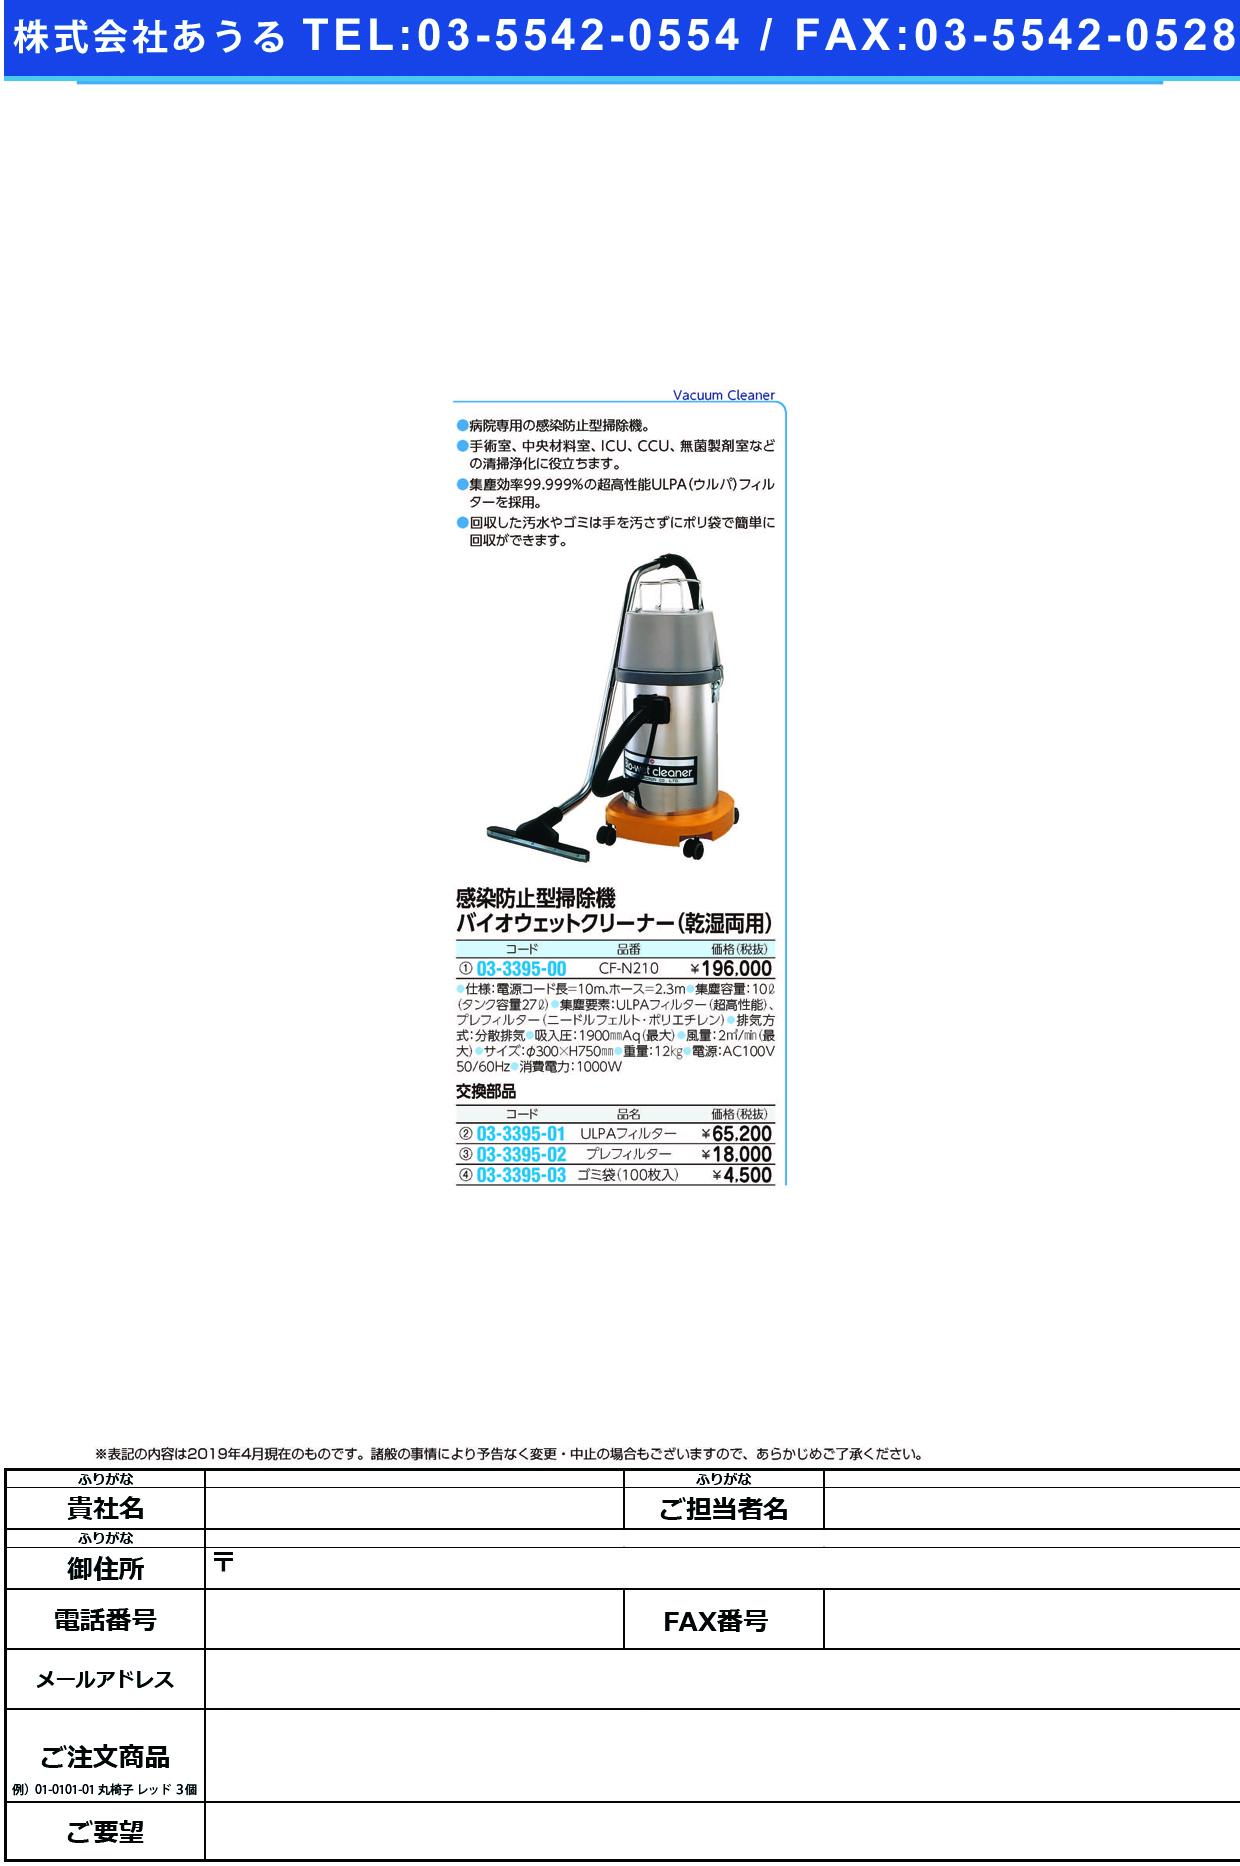 (03-3395-00)バイオウェットクリーナー(乾湿両用) CF-N210 バイオウェットクリーナー【1台単位】【2019年カタログ商品】